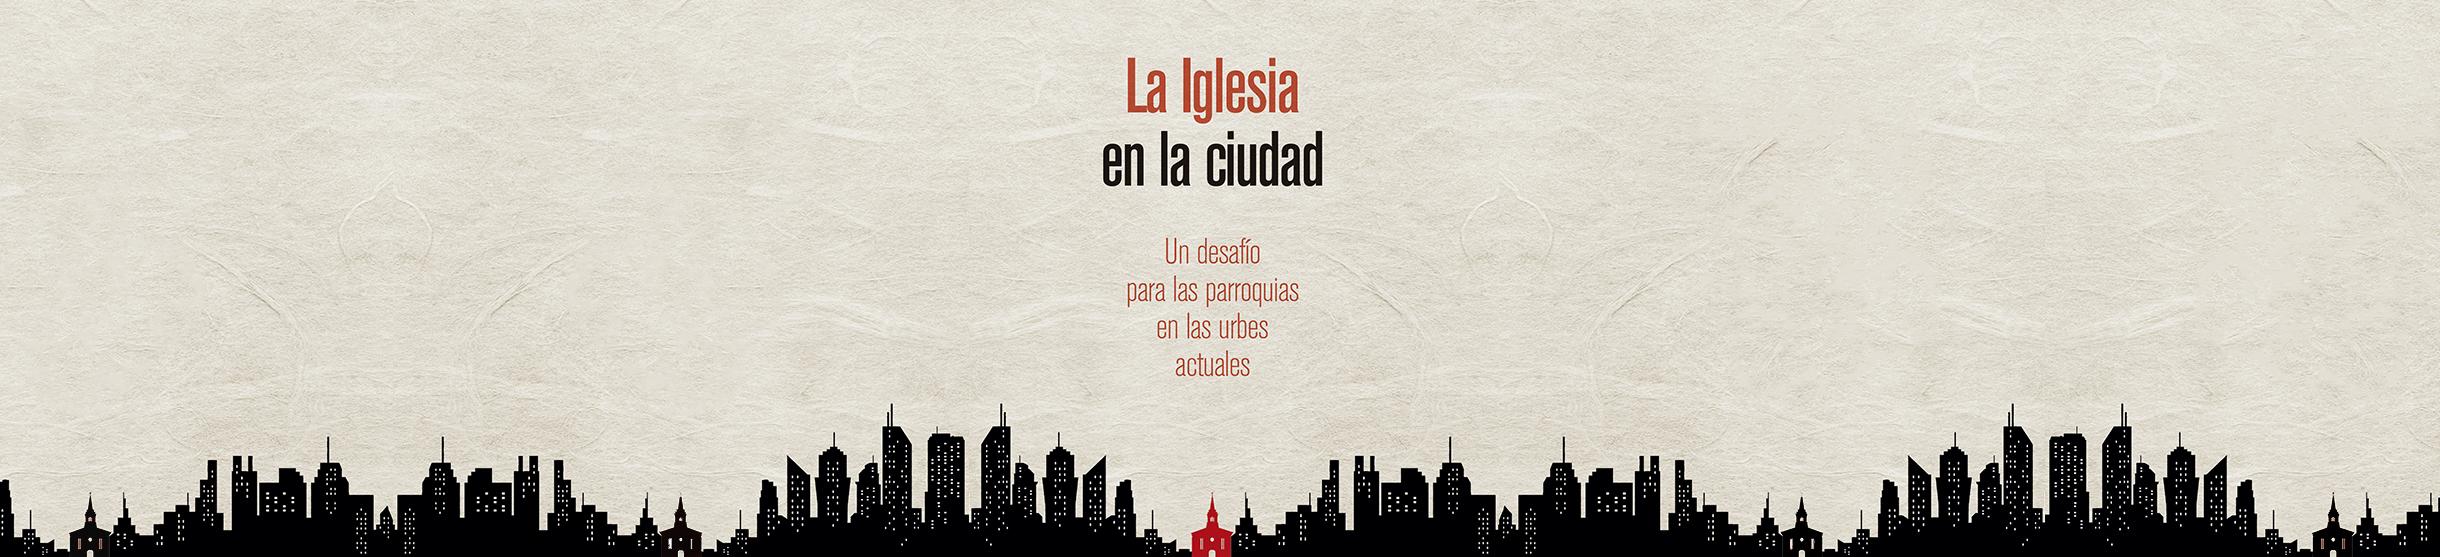 Banners_Ediciones_EDE_LaIglesiaCiudad_290118